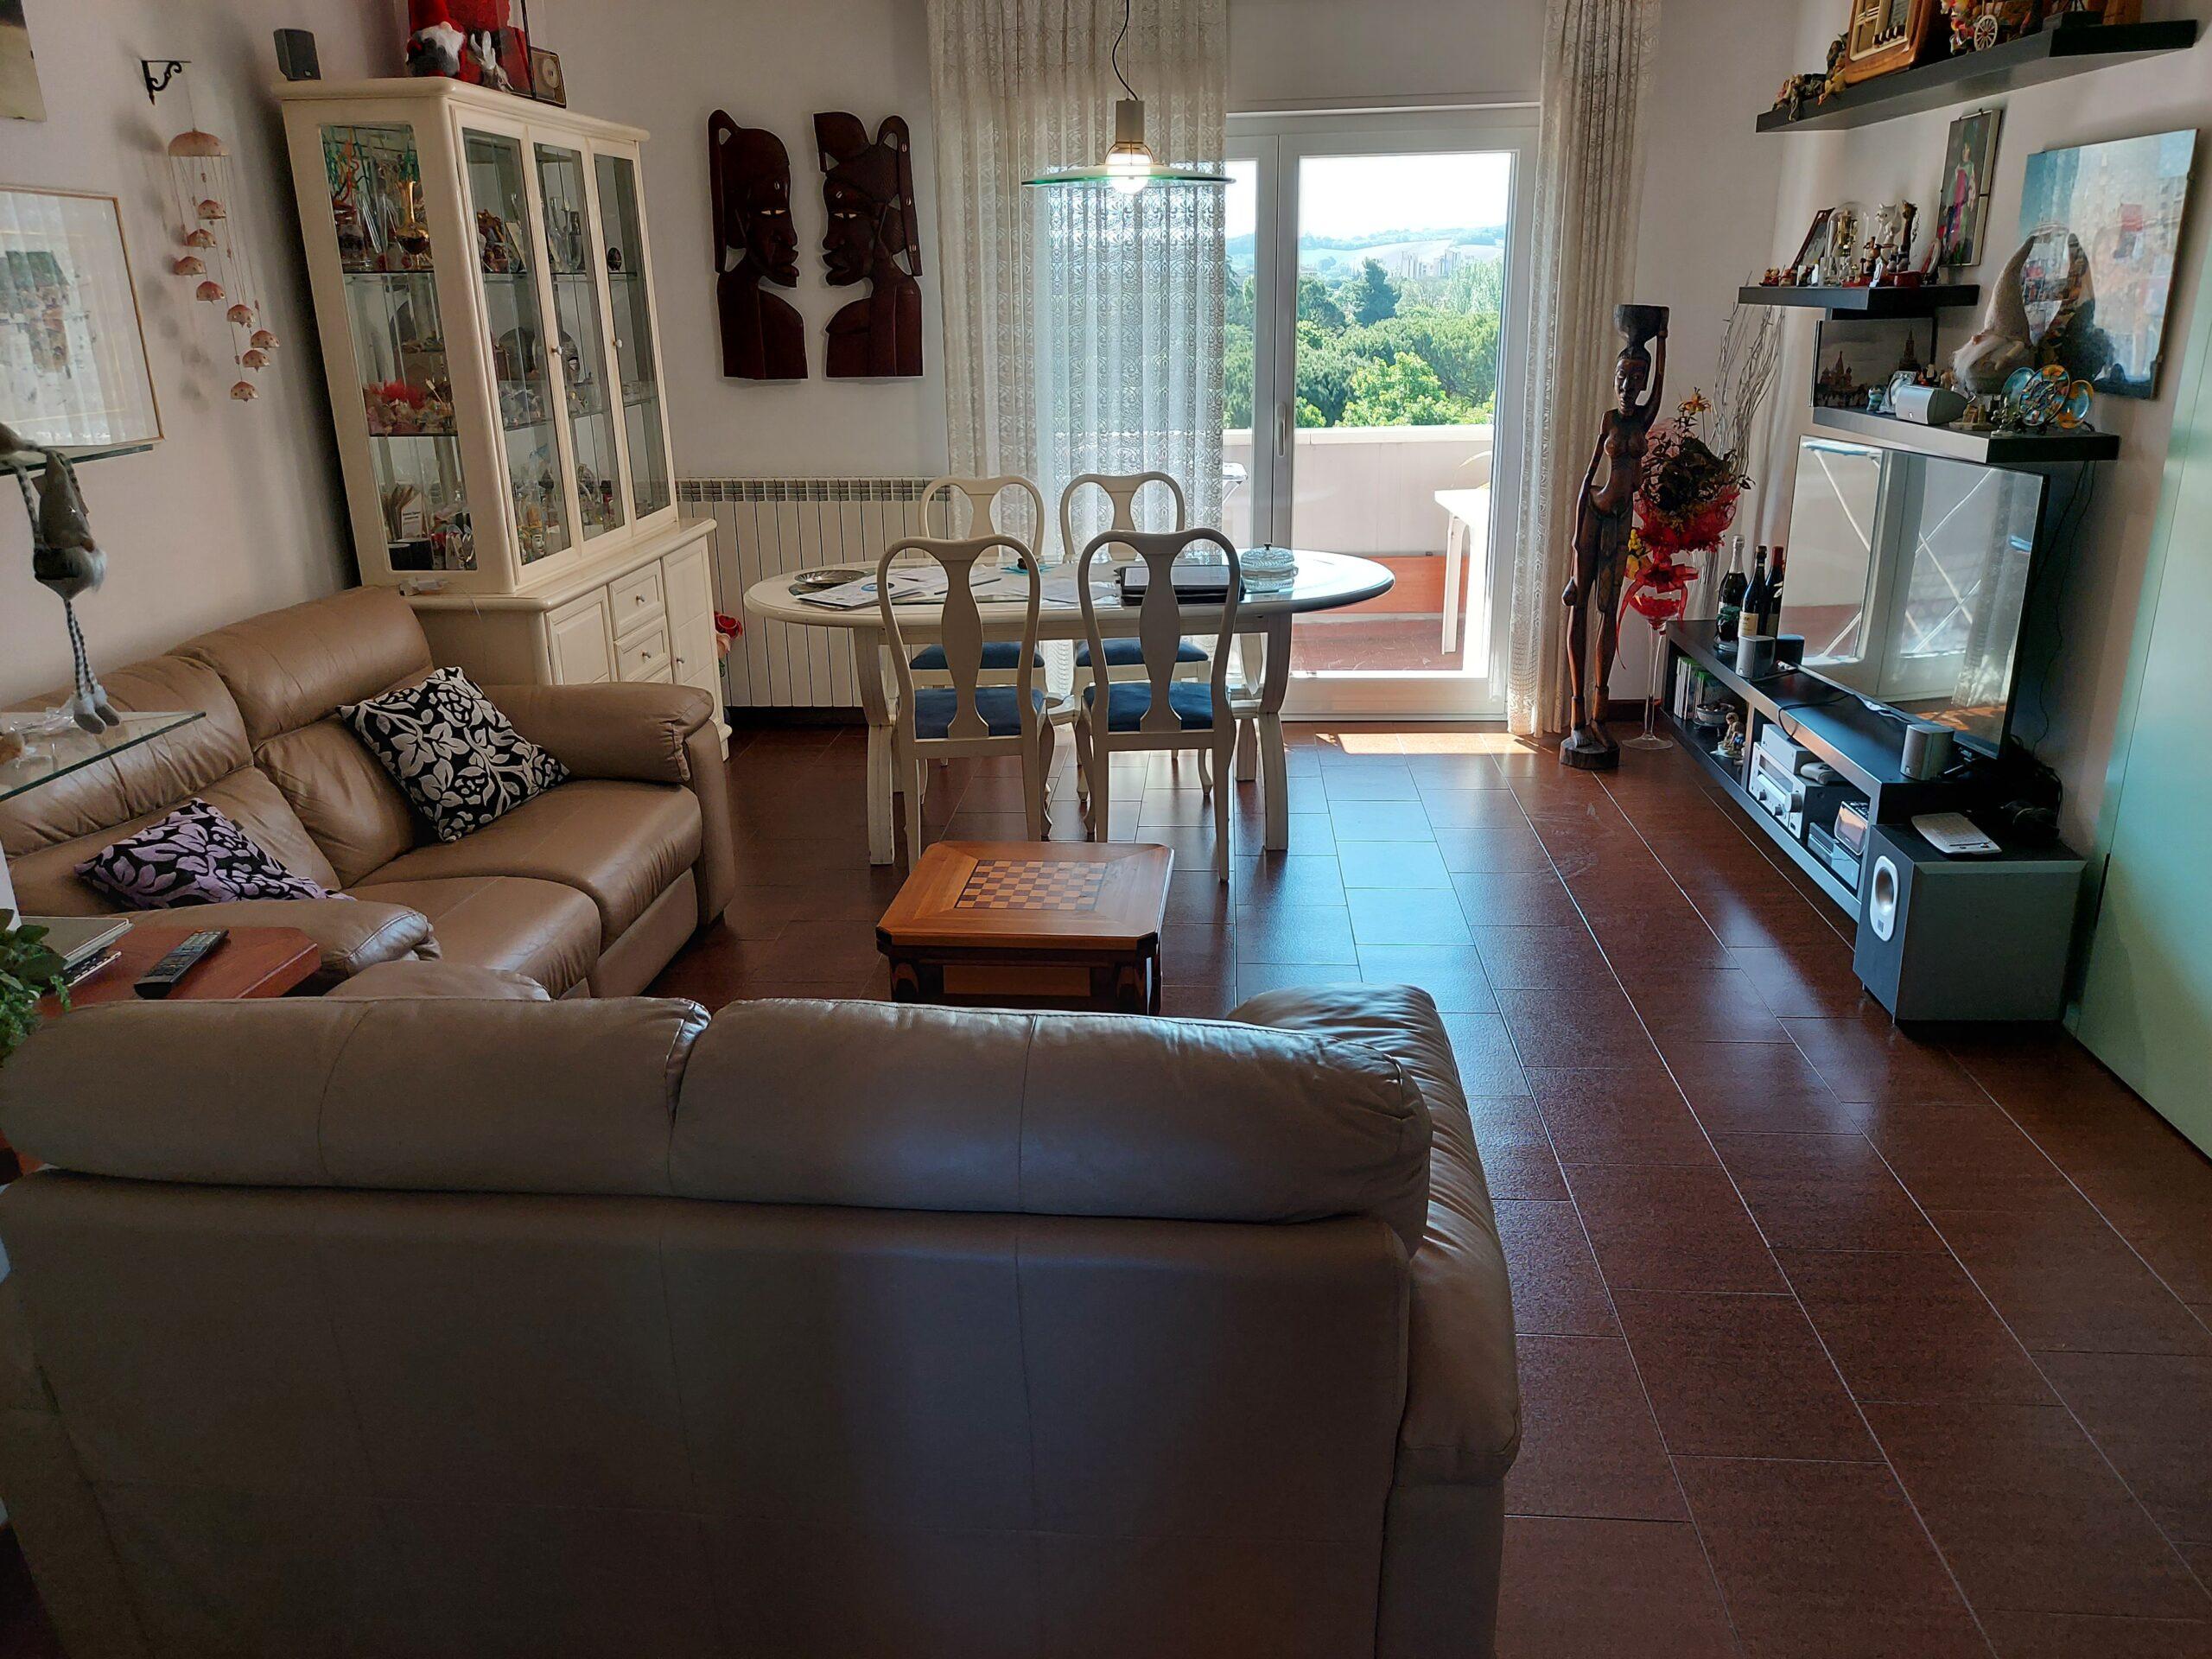 Villa San Martino 4 Locali 120mq Ristrtutturato. Autonomo, garage e cantina.